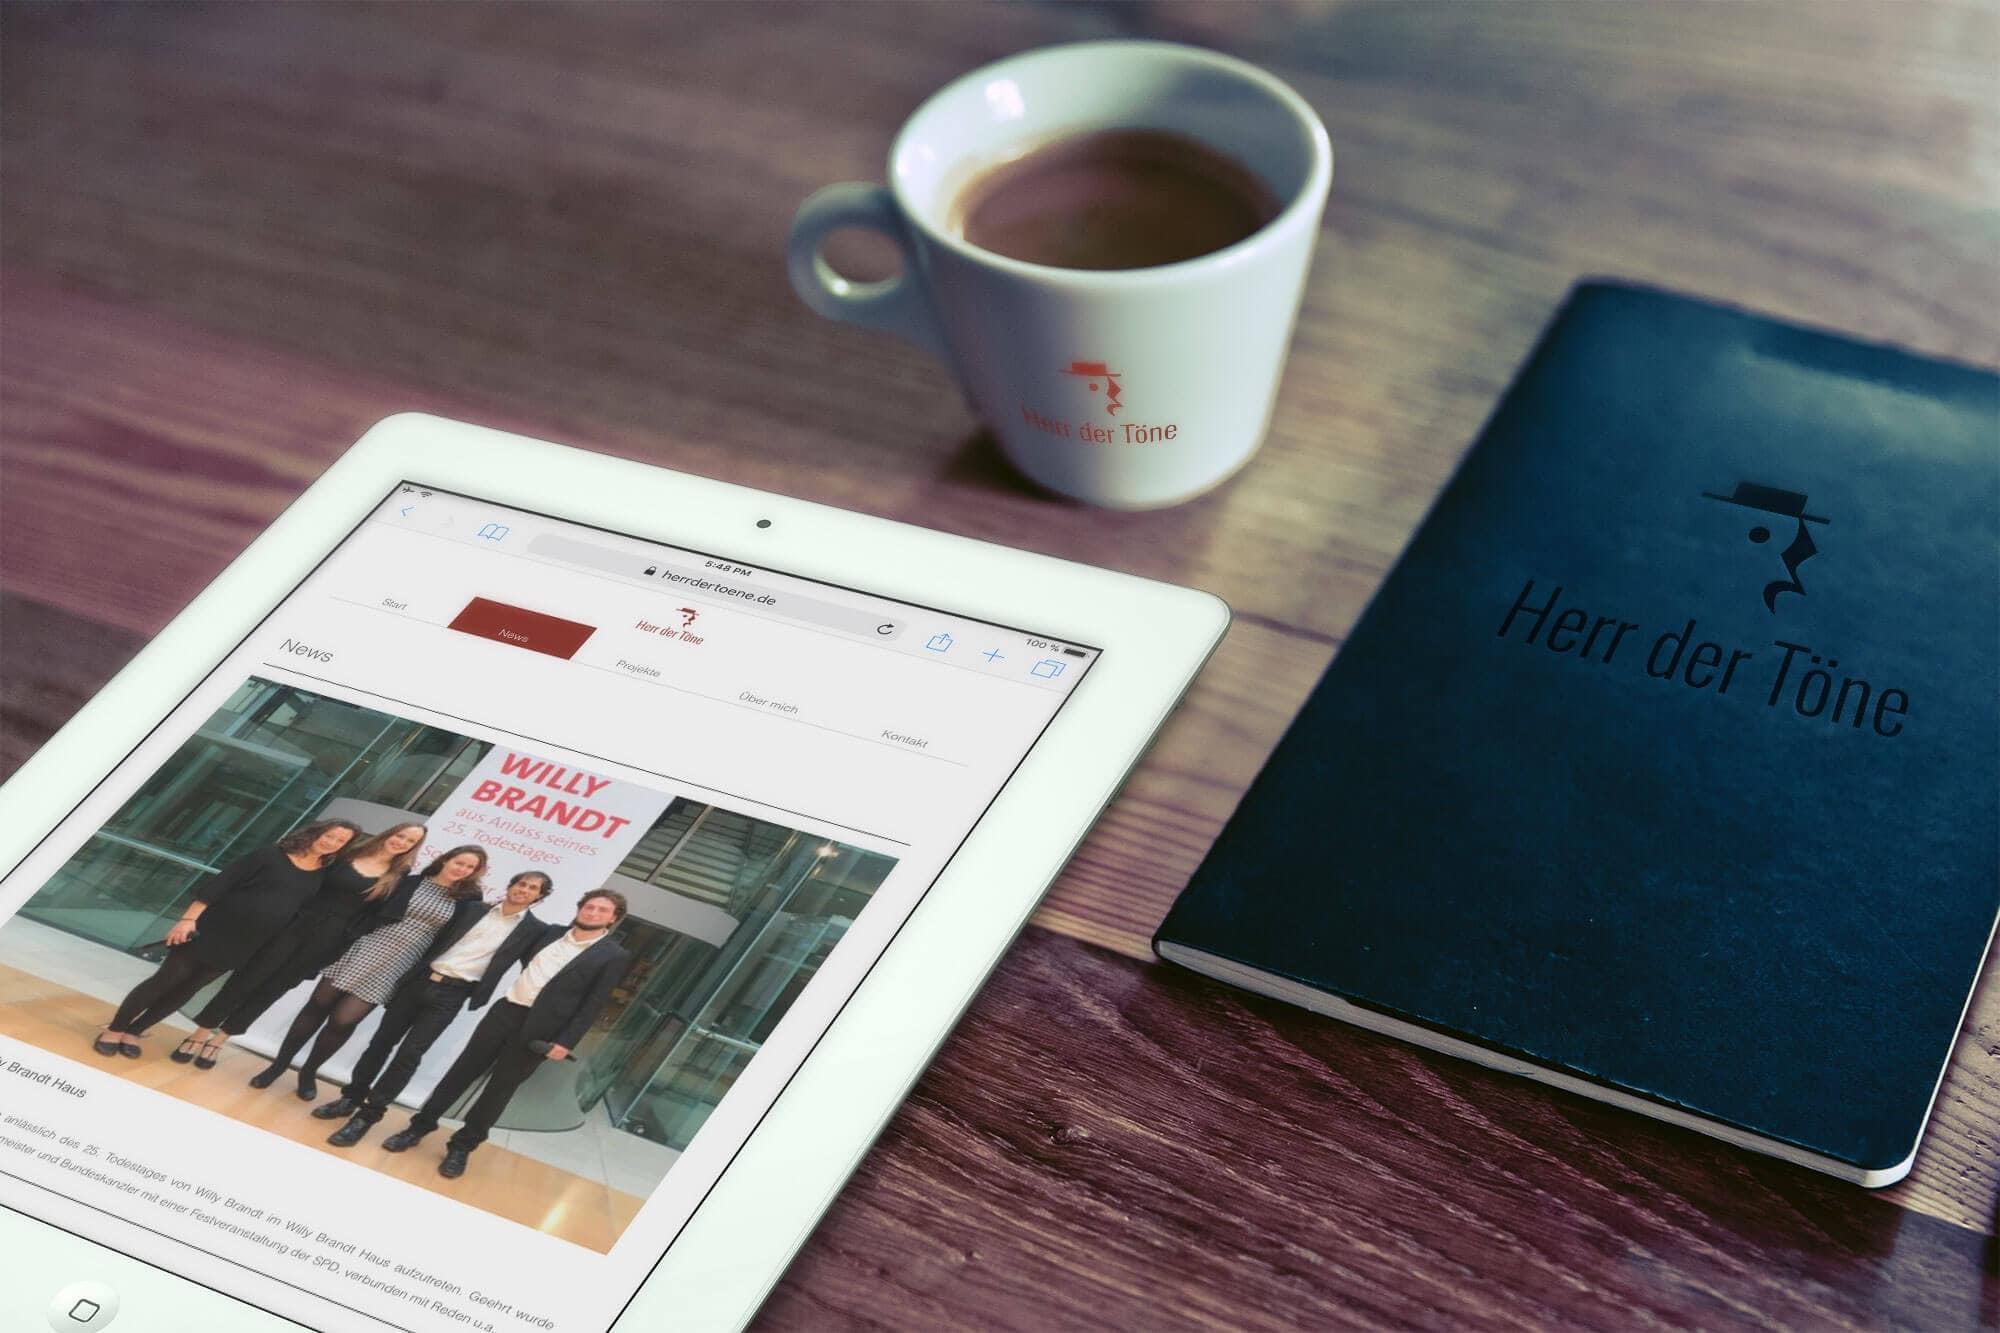 Herr der Töne responsive Webseite Geschäftspapiere